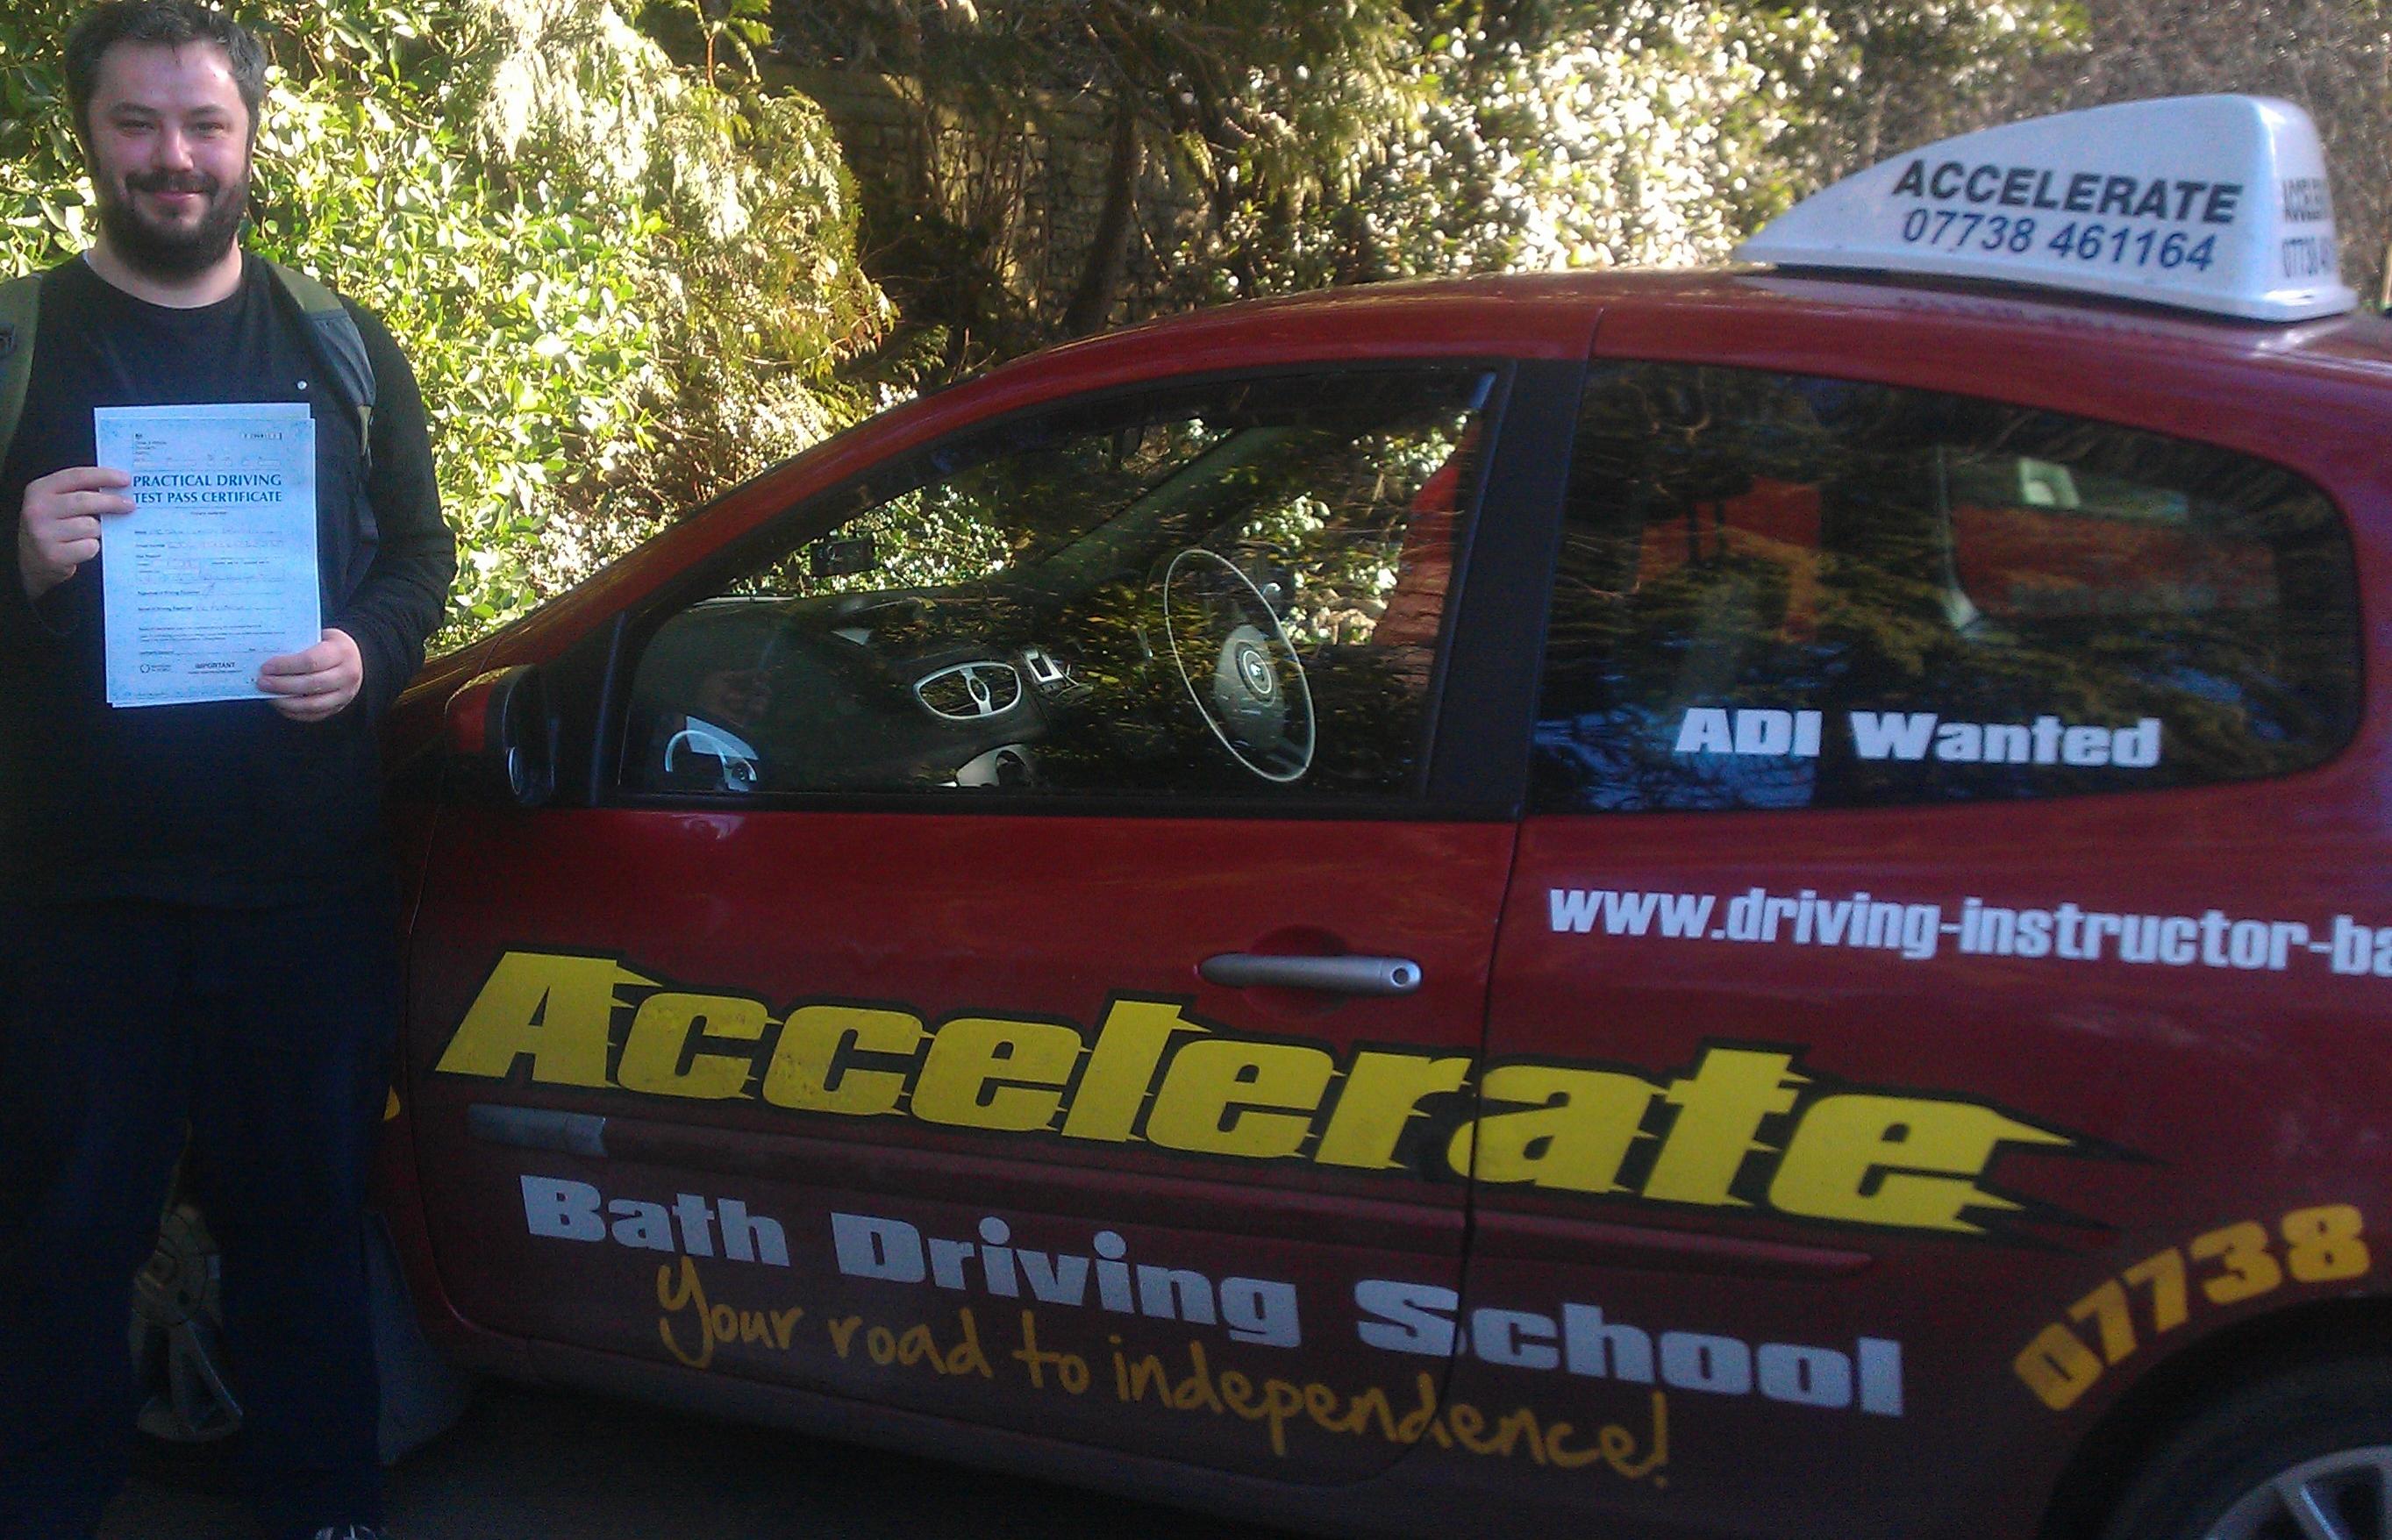 Driving Schools Bath Accelerate Bath Driving School